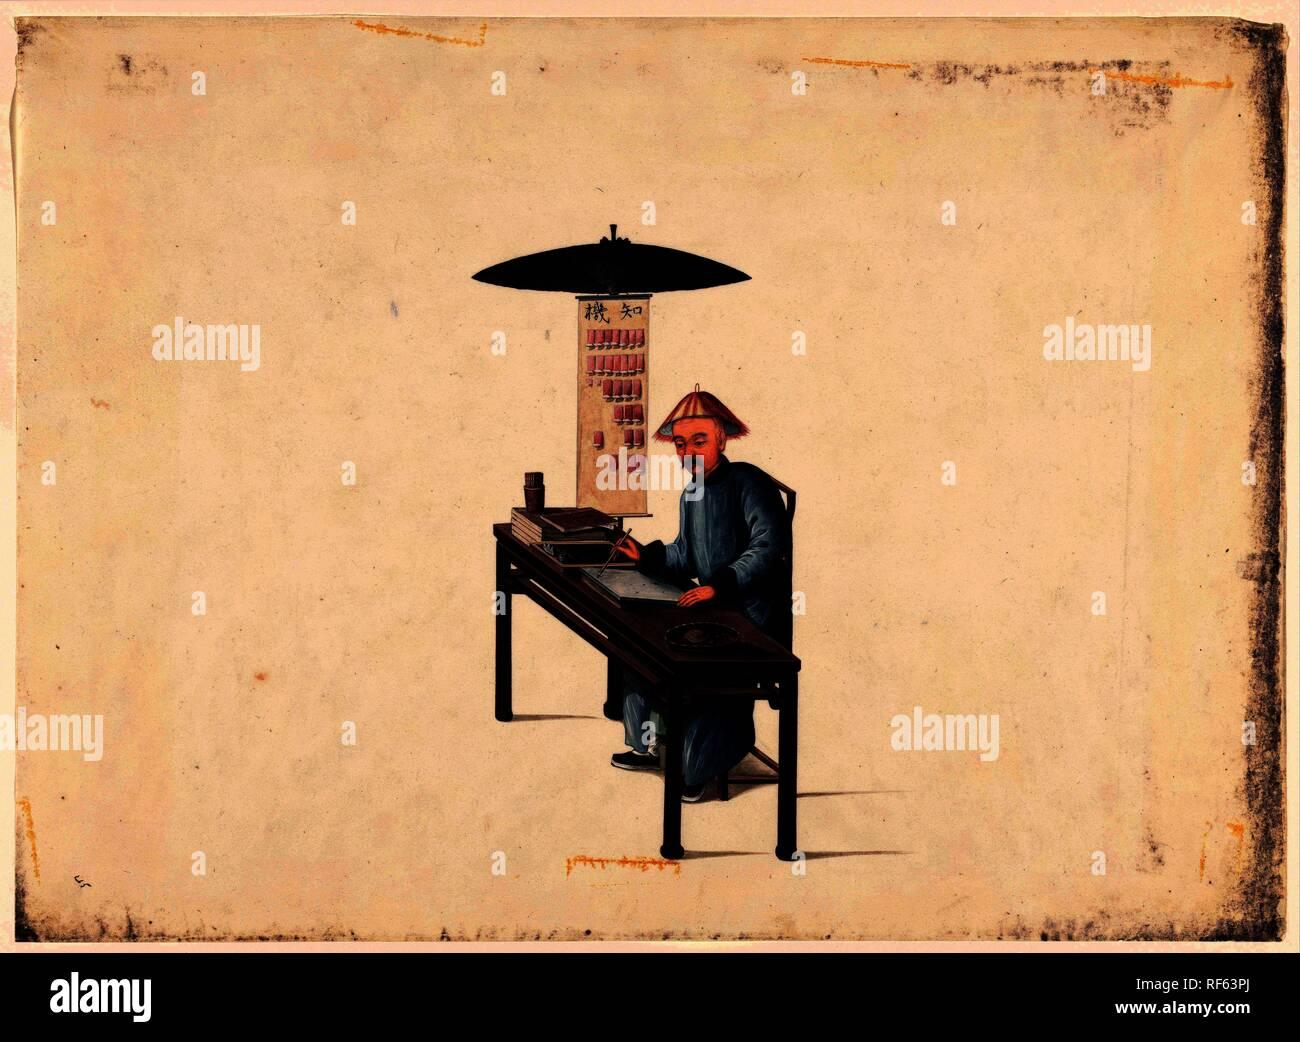 Fortuneteller cinese. Relatore per parere: anonimo. Dating: 1800 - 1899. Luogo: Cina. Misurazioni: h 362 mm × W 495 mm. Museo: Rijksmuseum Amsterdam. Immagini Stock